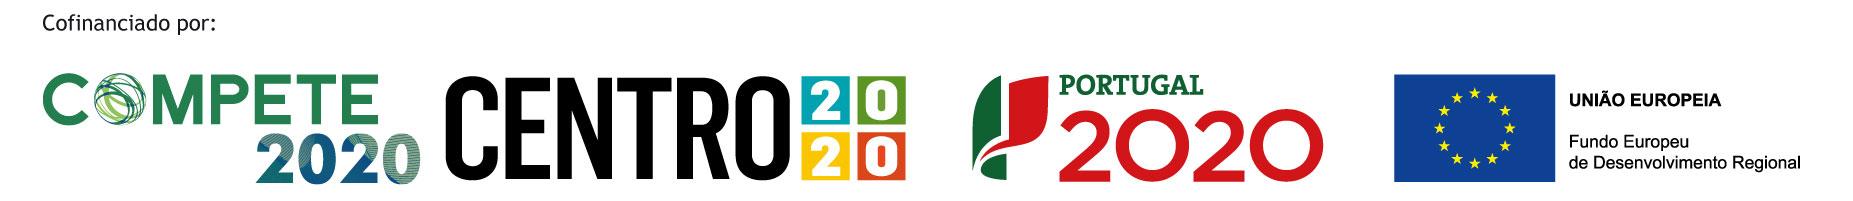 Compete 2020 - Portugal 2020